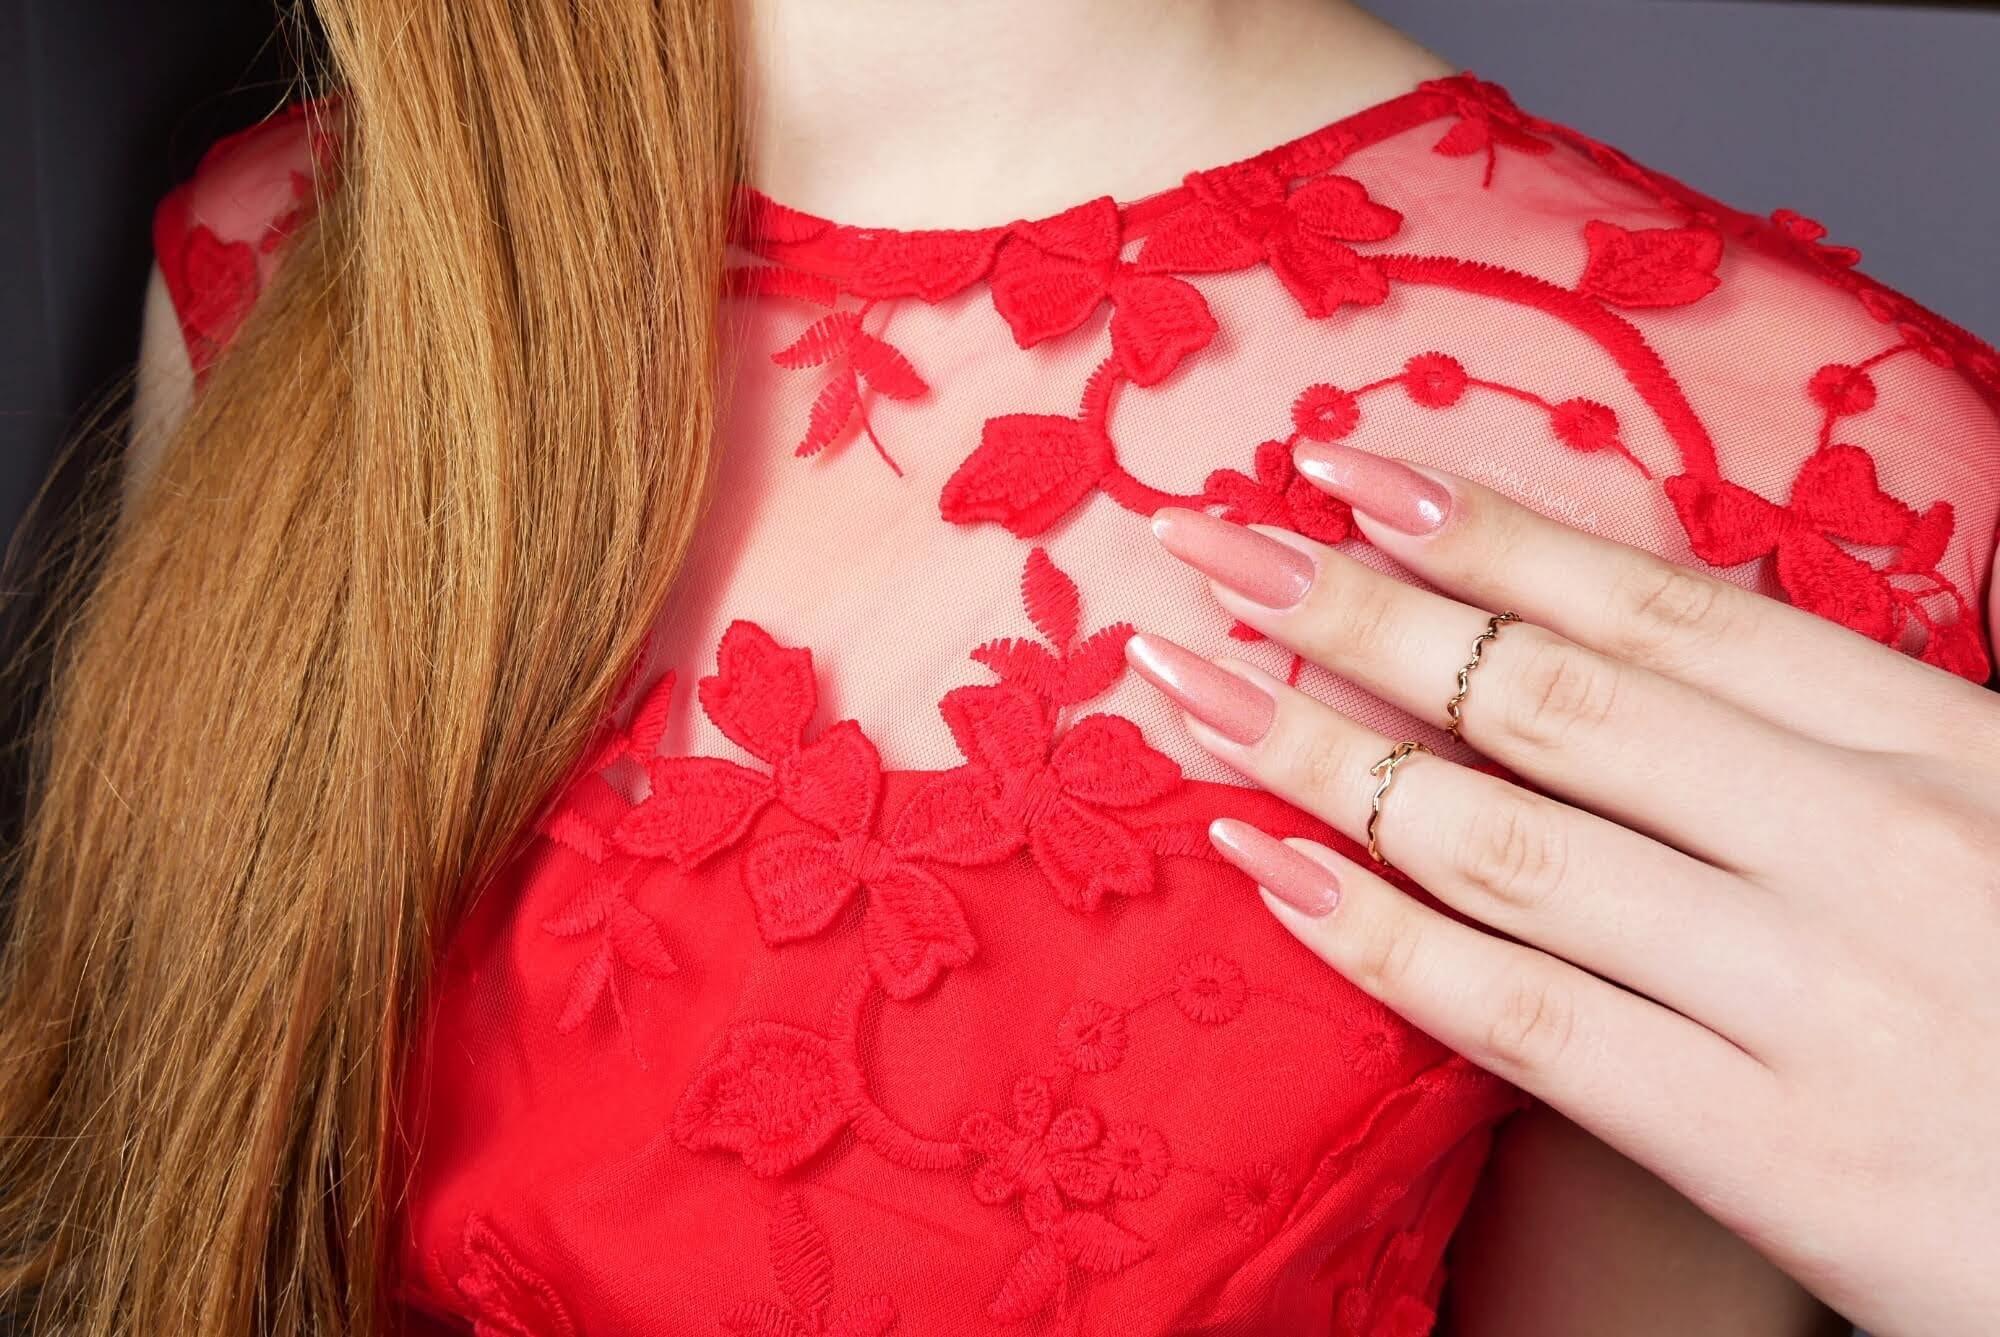 paznokcie do czerwonej sukienki